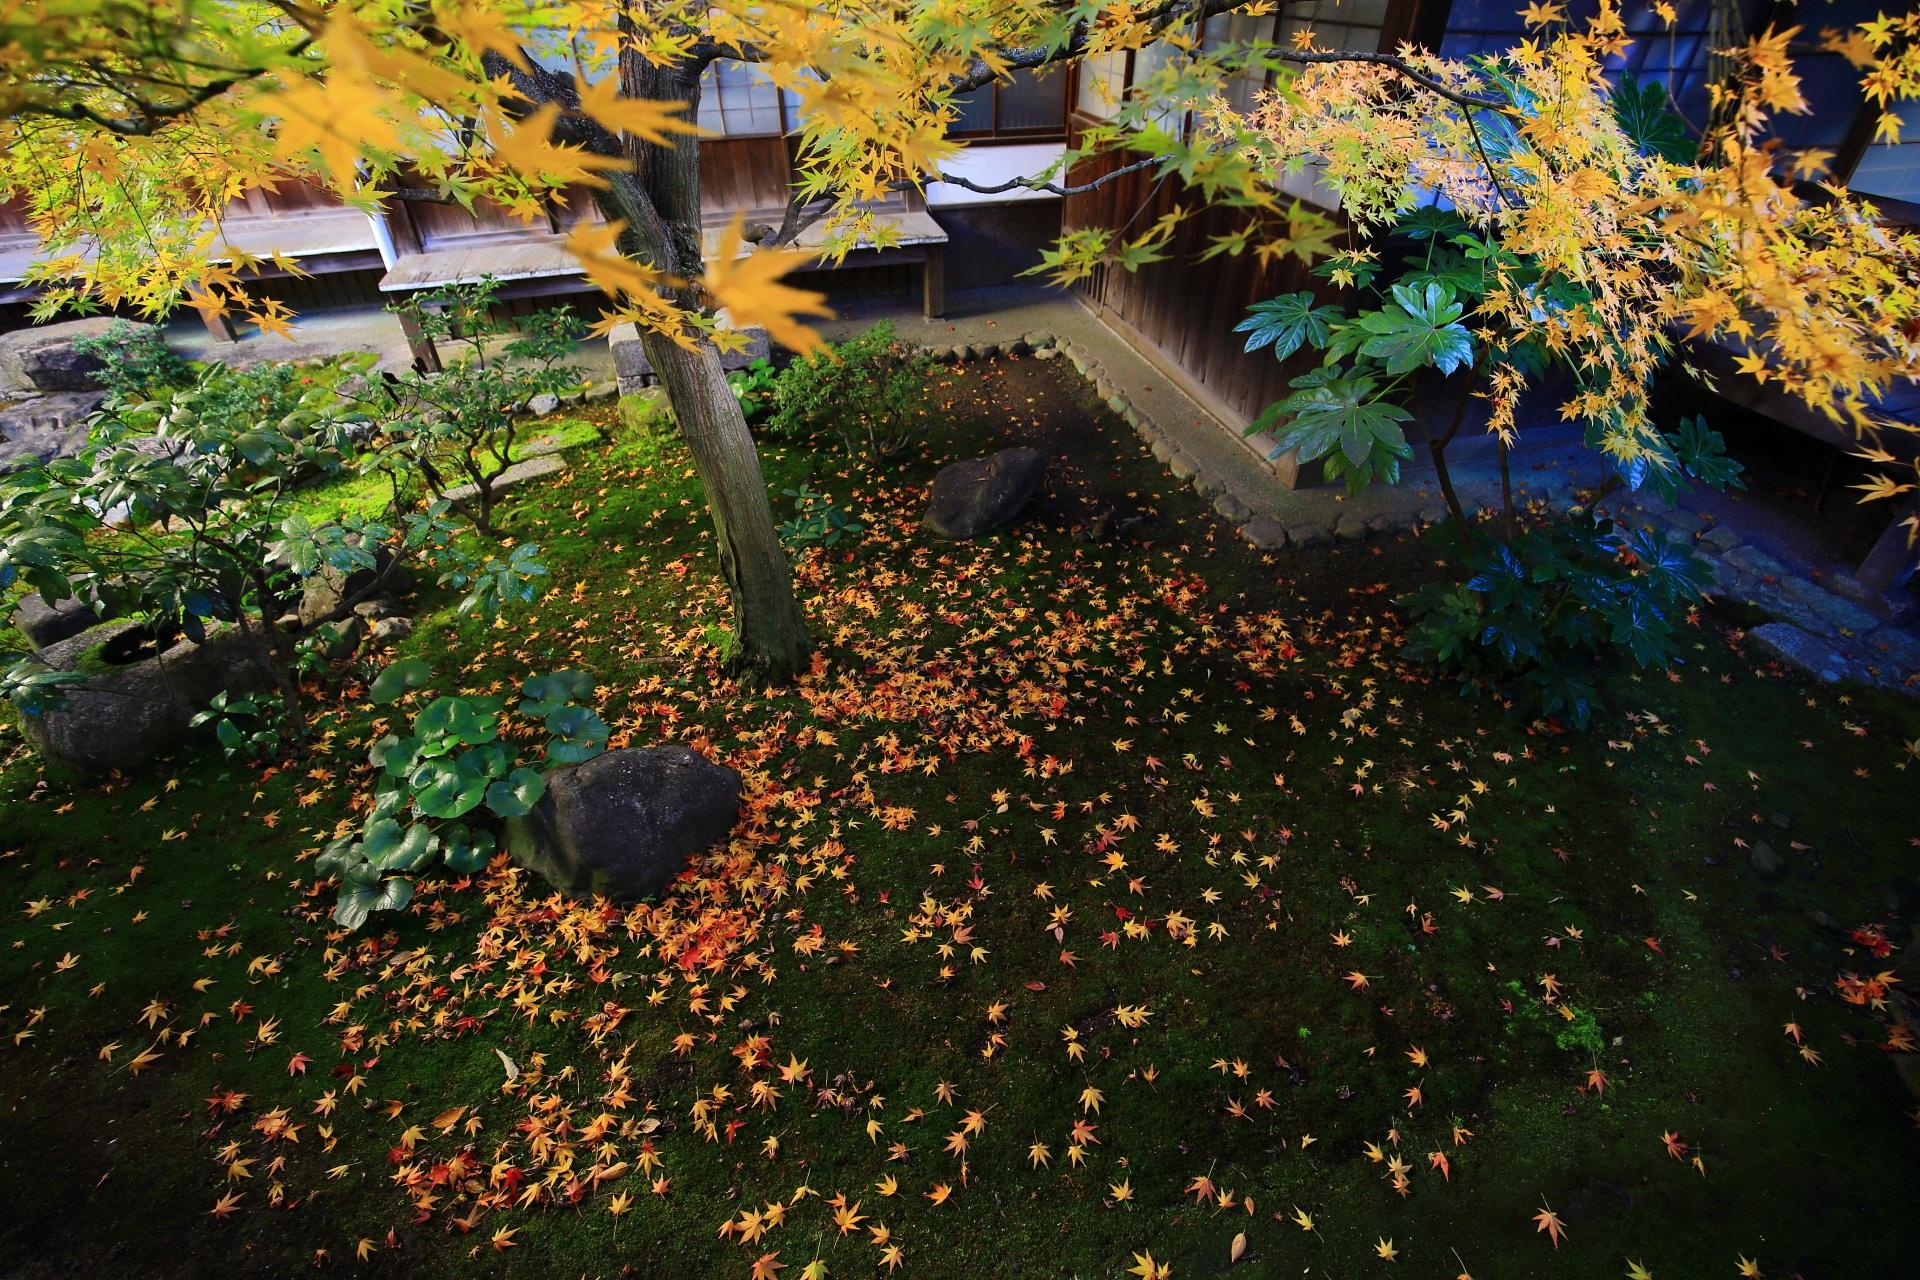 本法寺の美しく深い緑の苔を染めるオレンジ色や黄色の散り紅葉